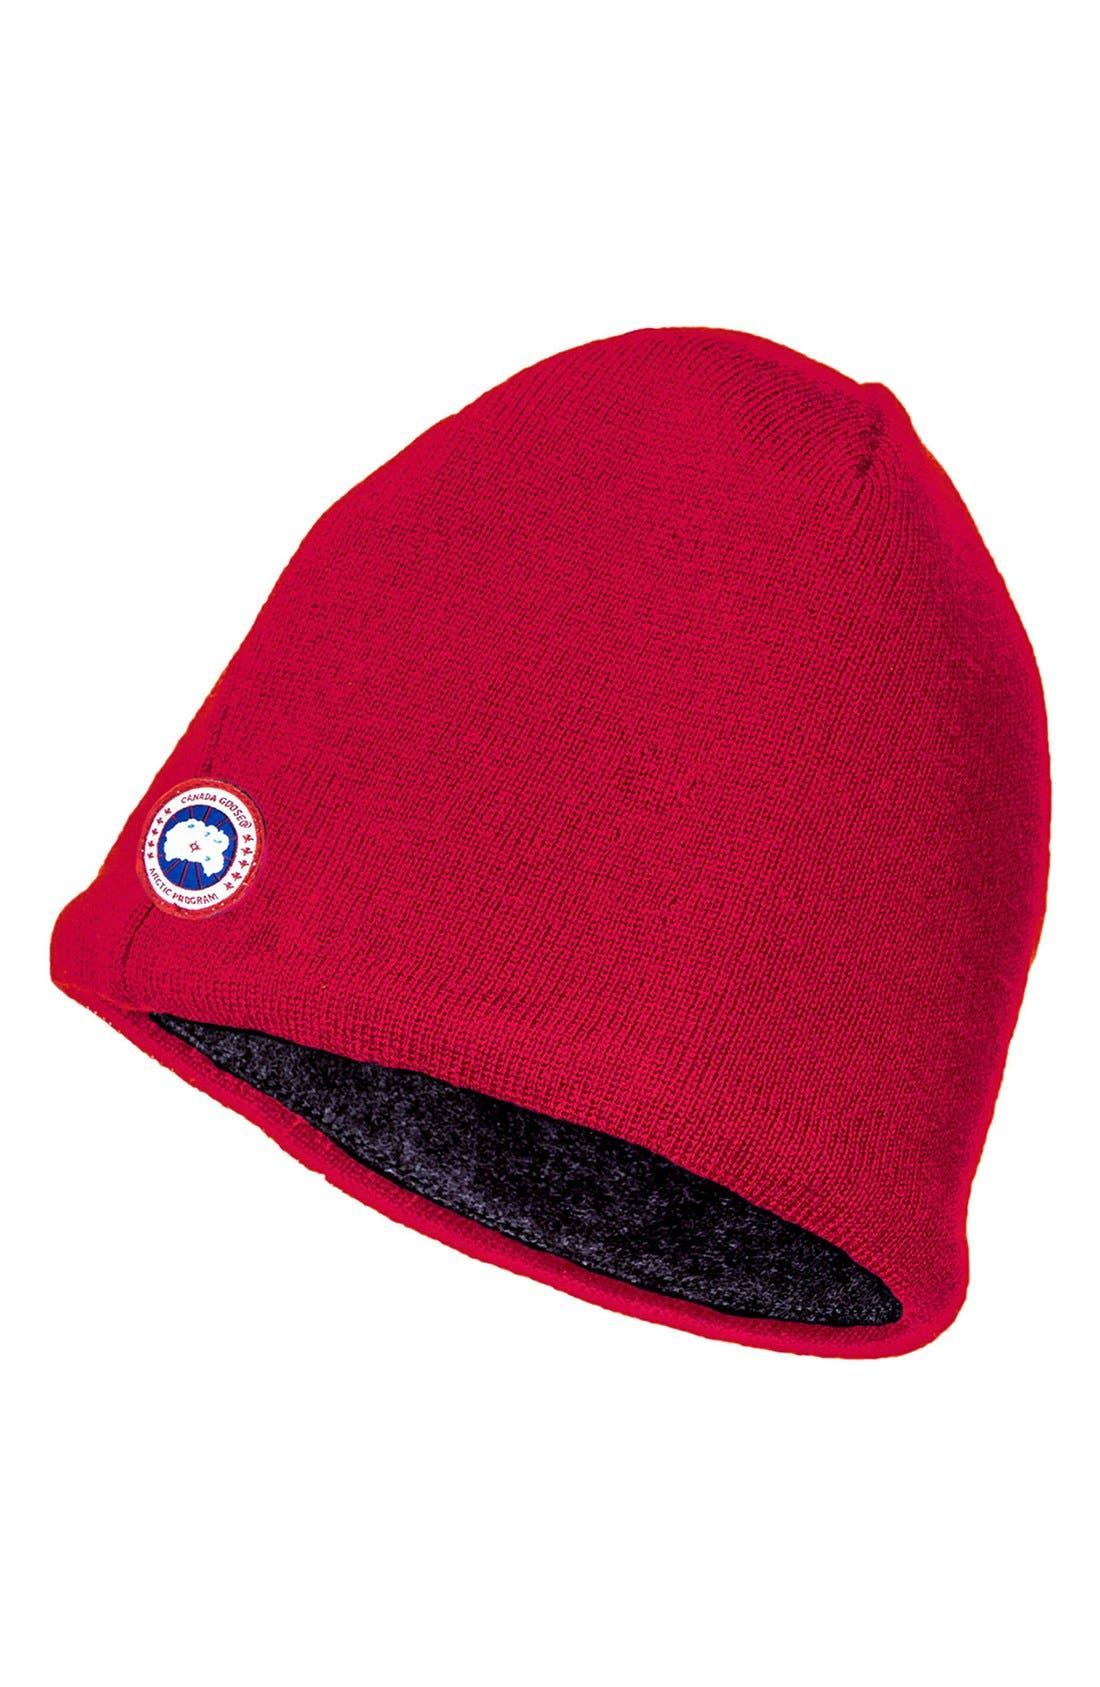 Merino Wool Beanie,                         Main,                         color, Red